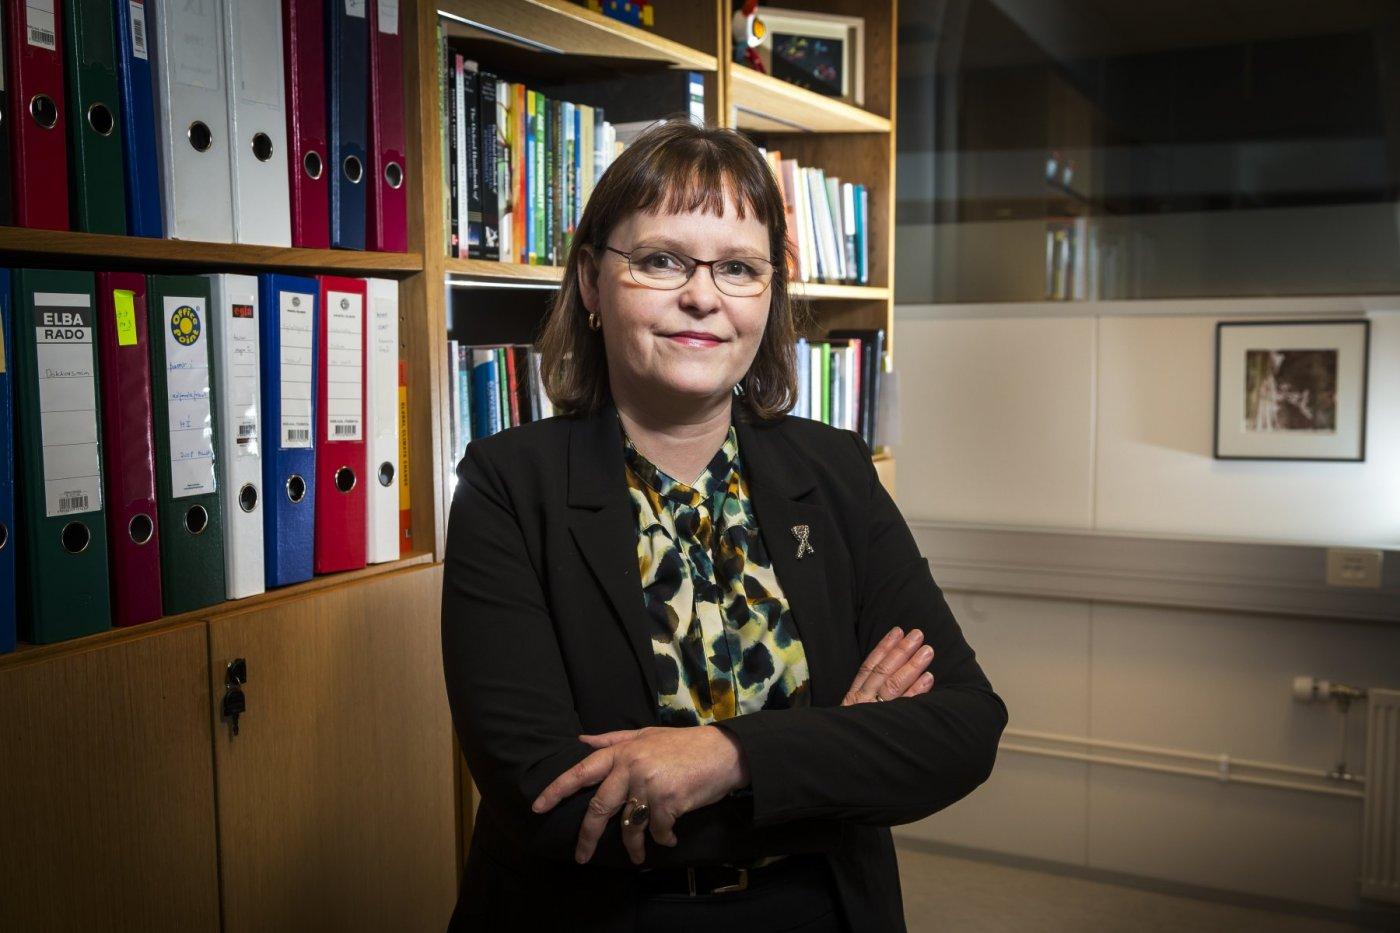 Lára Jóhannsdóttir